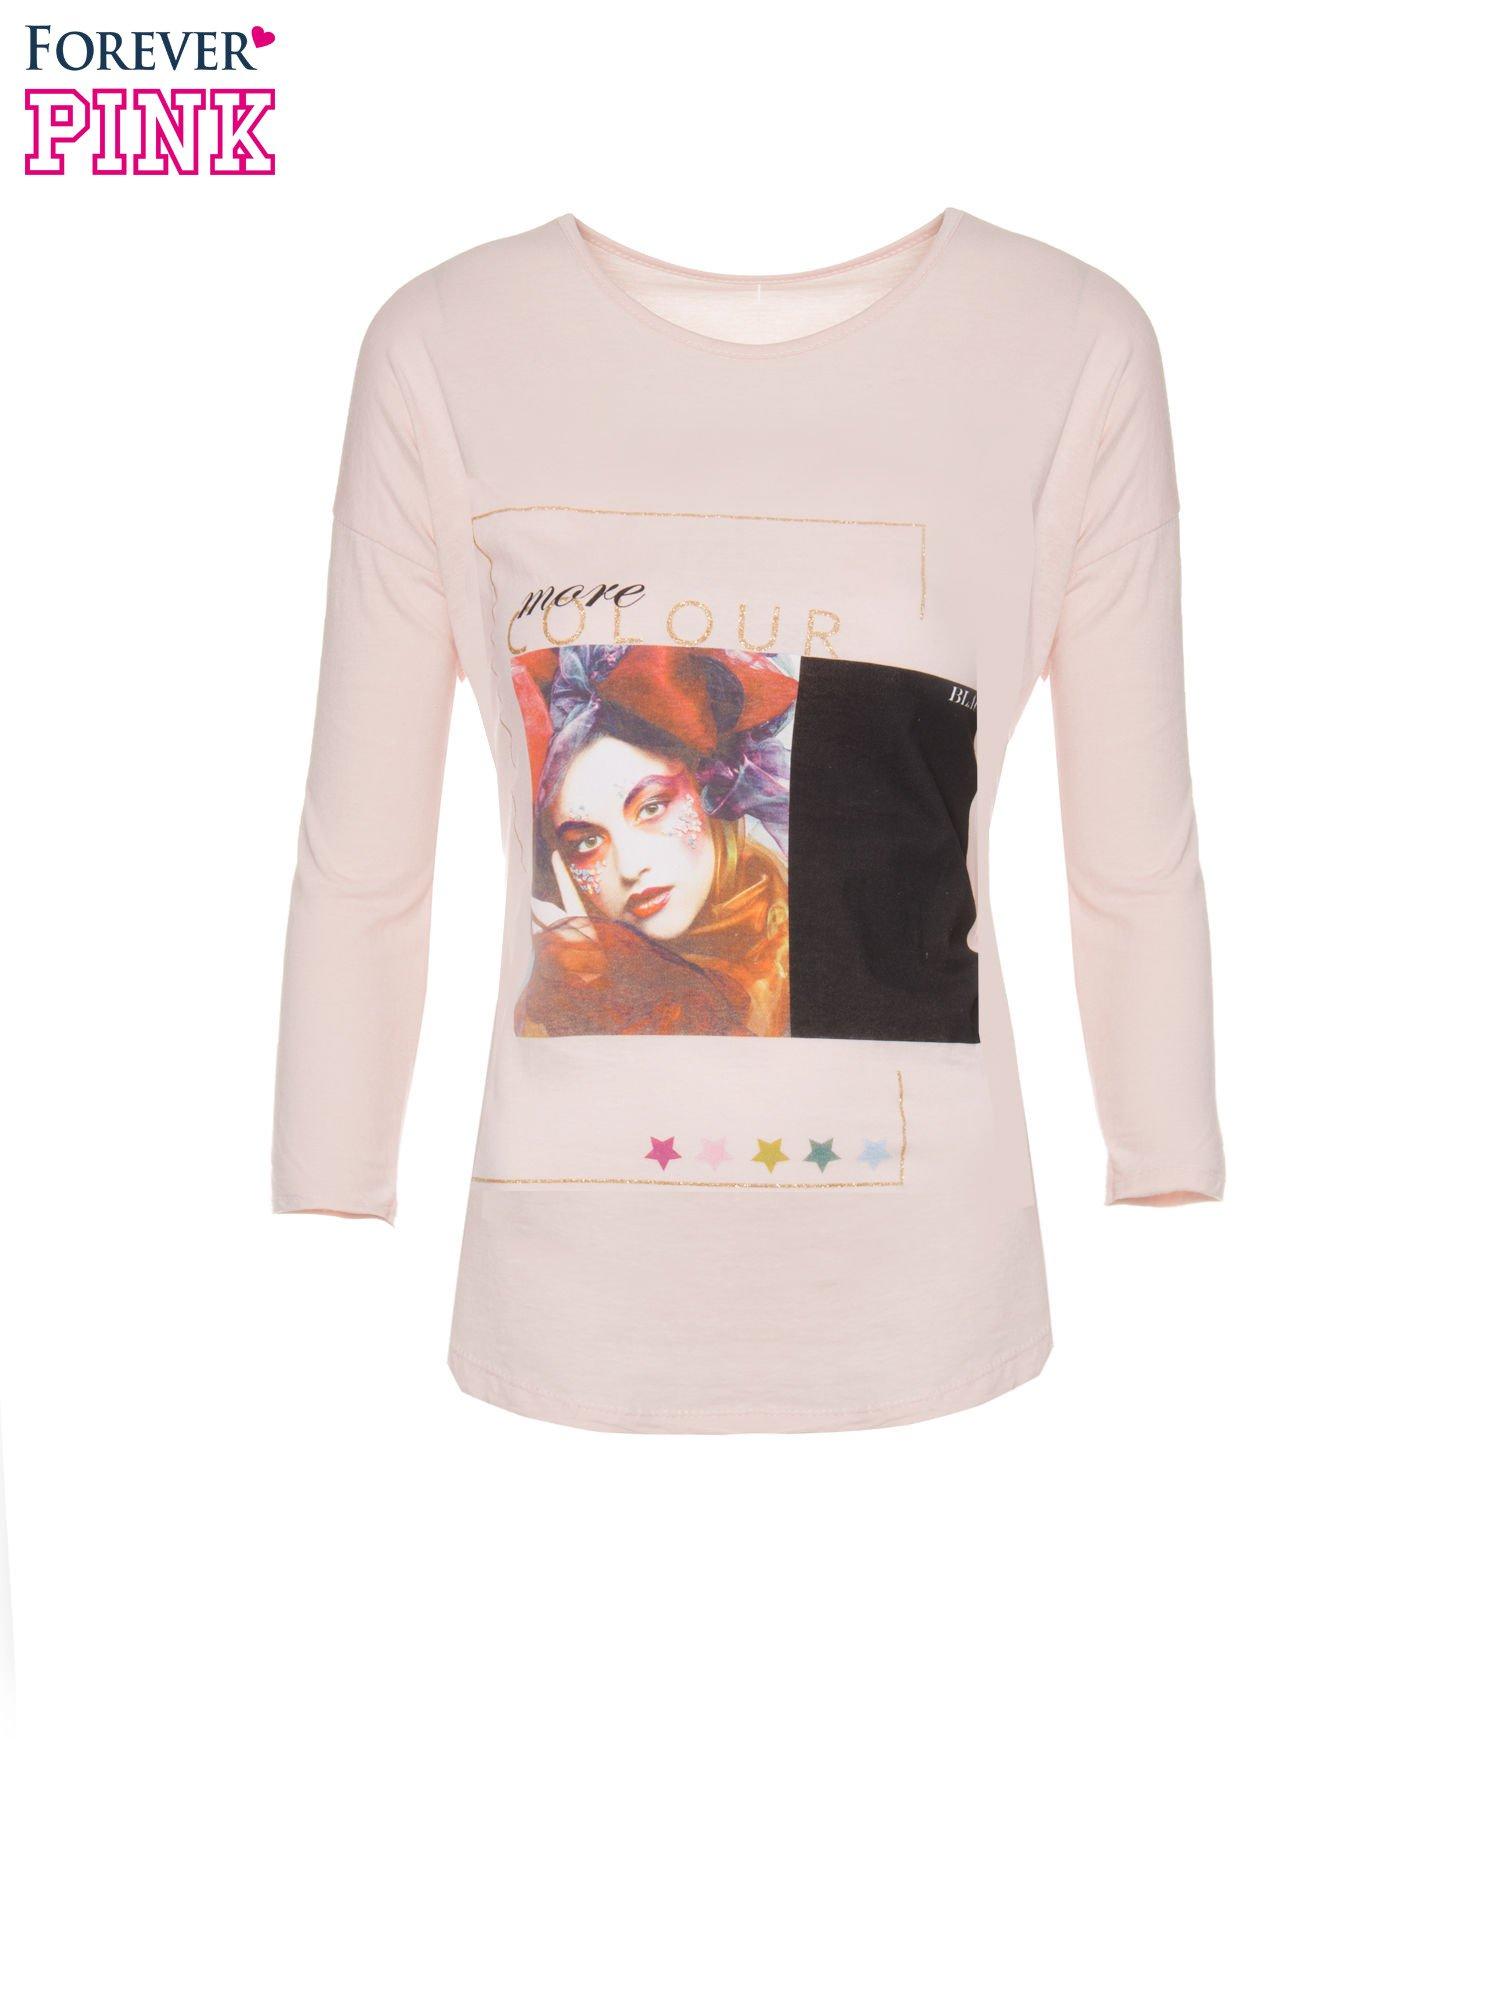 Jasnoróżowa bluzka z nadrukiem fashion i napisem MORE COLOUR                                  zdj.                                  5